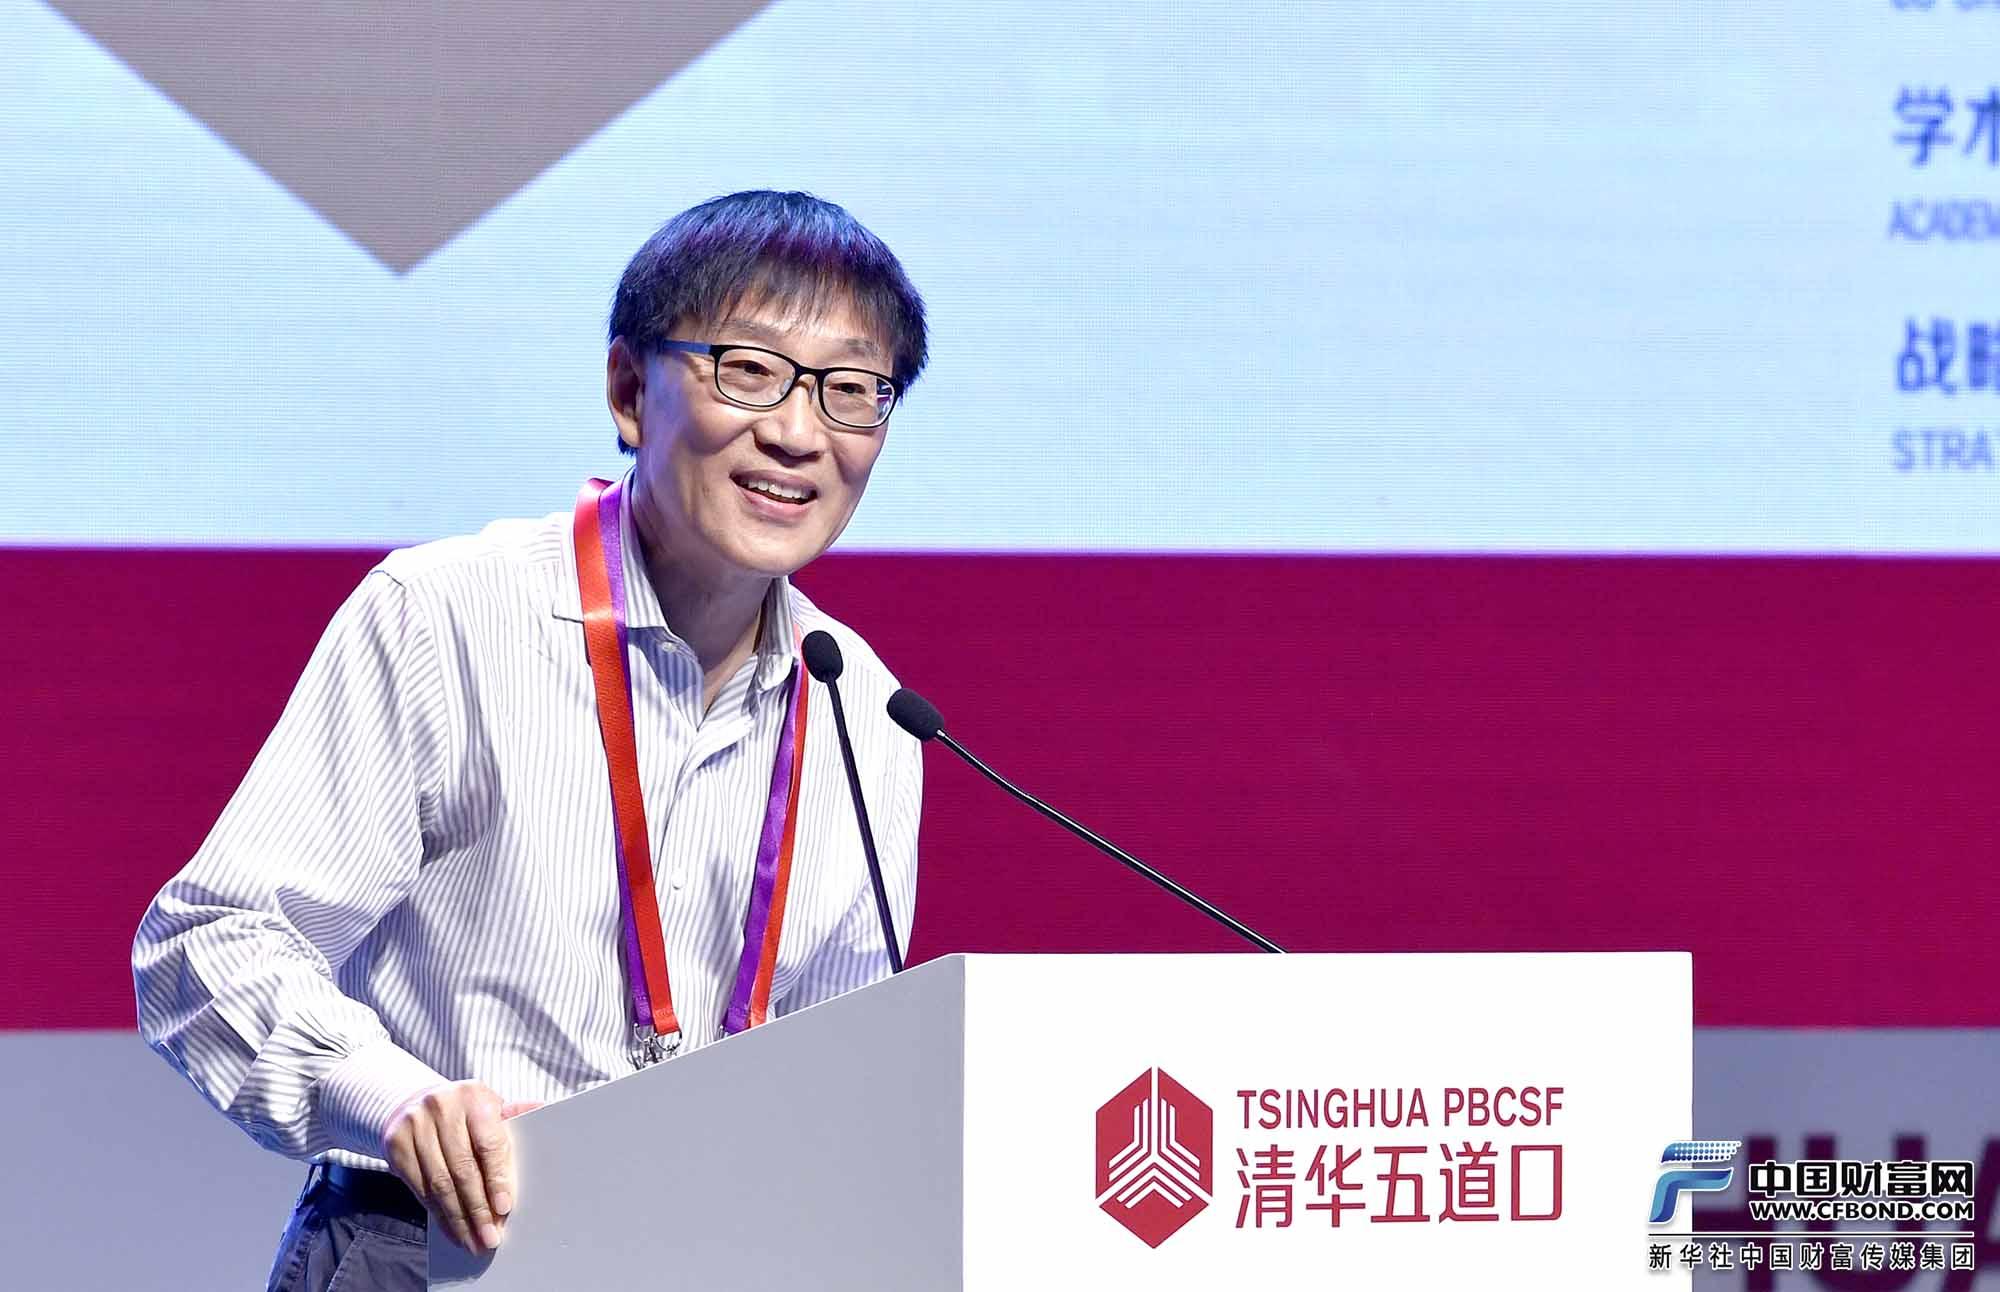 主題演講:天津大學講席教授張維